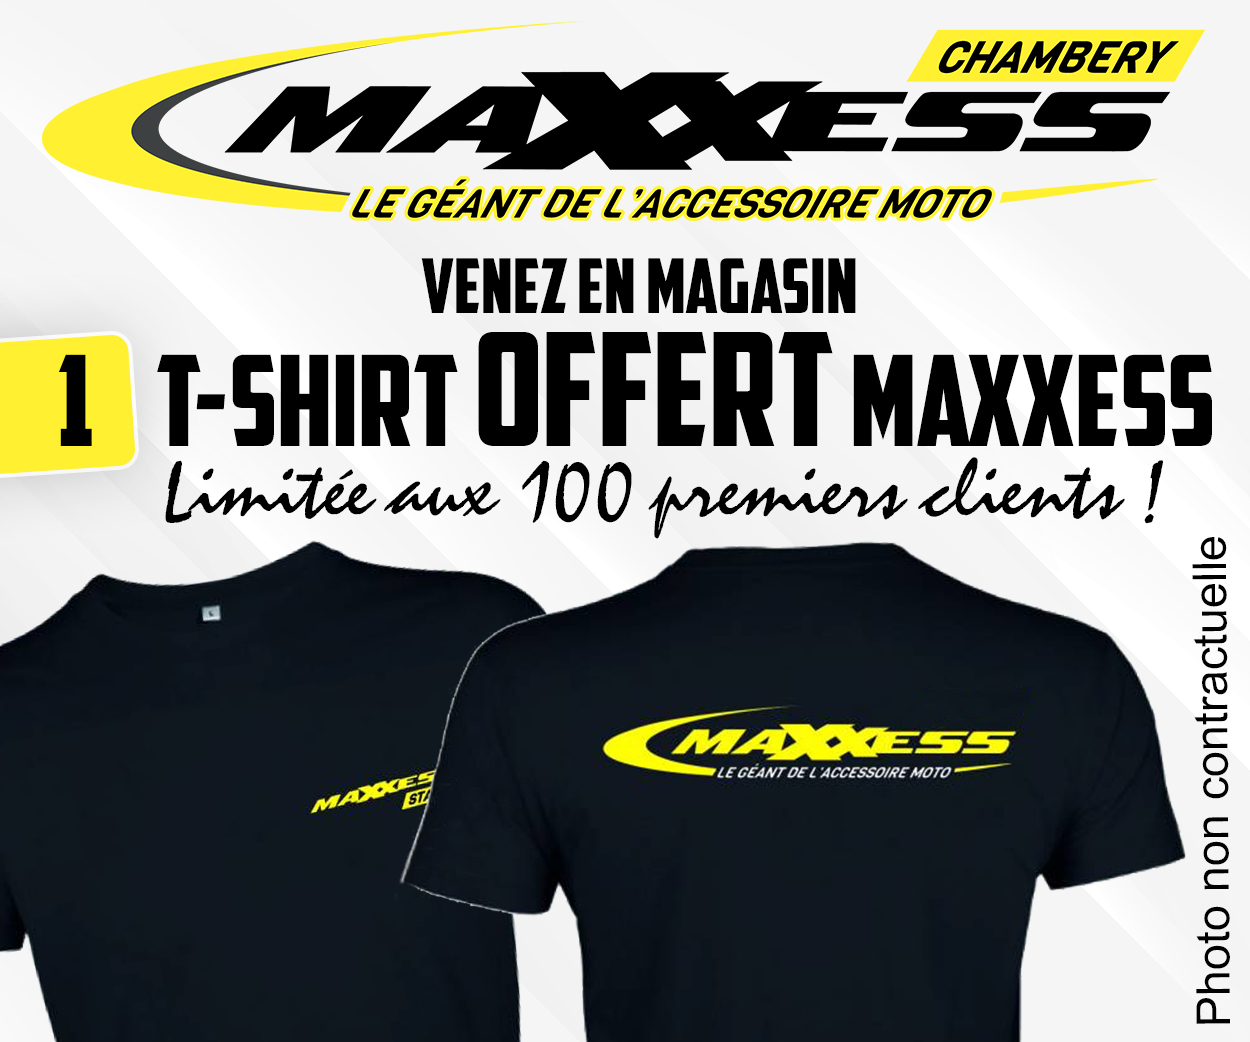 MAXXESS CHAMBÉRY / UN CADEAU OFFERT !